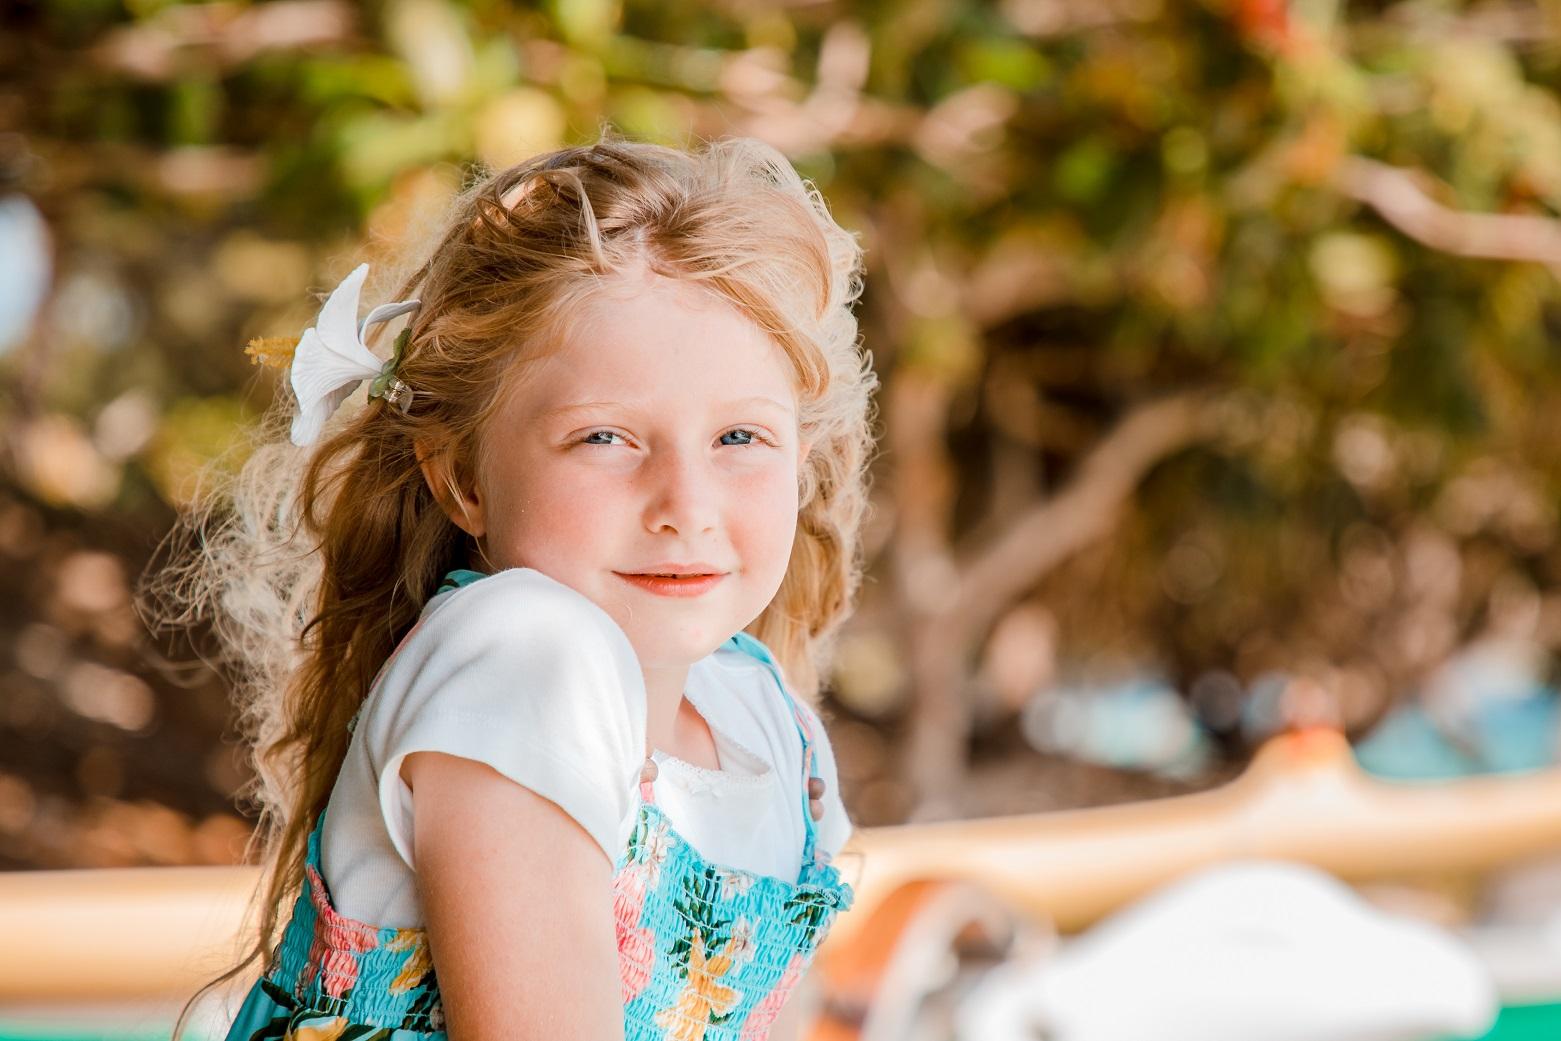 childrens headshot portrait